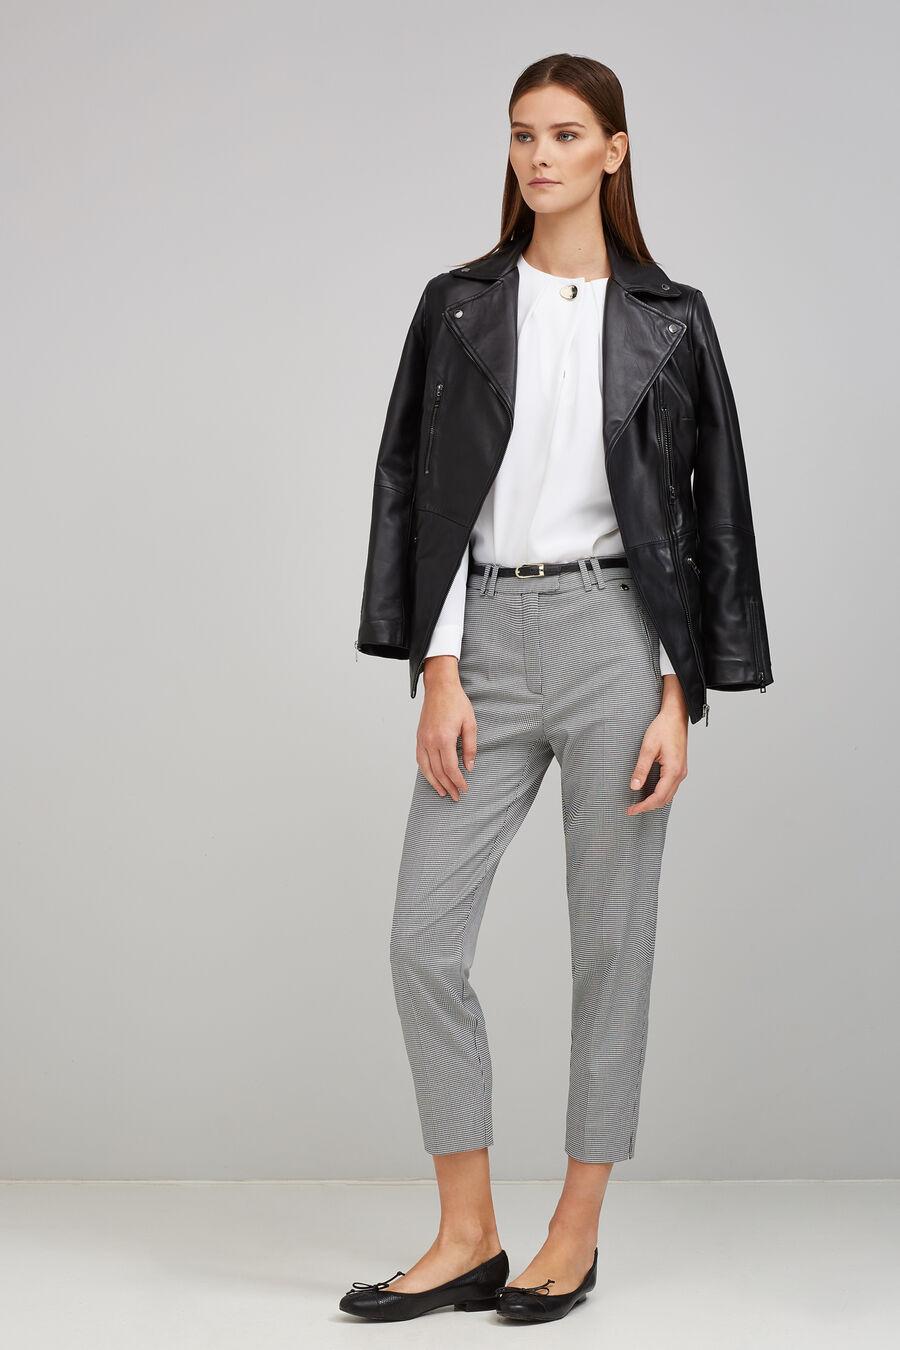 Napa jacket